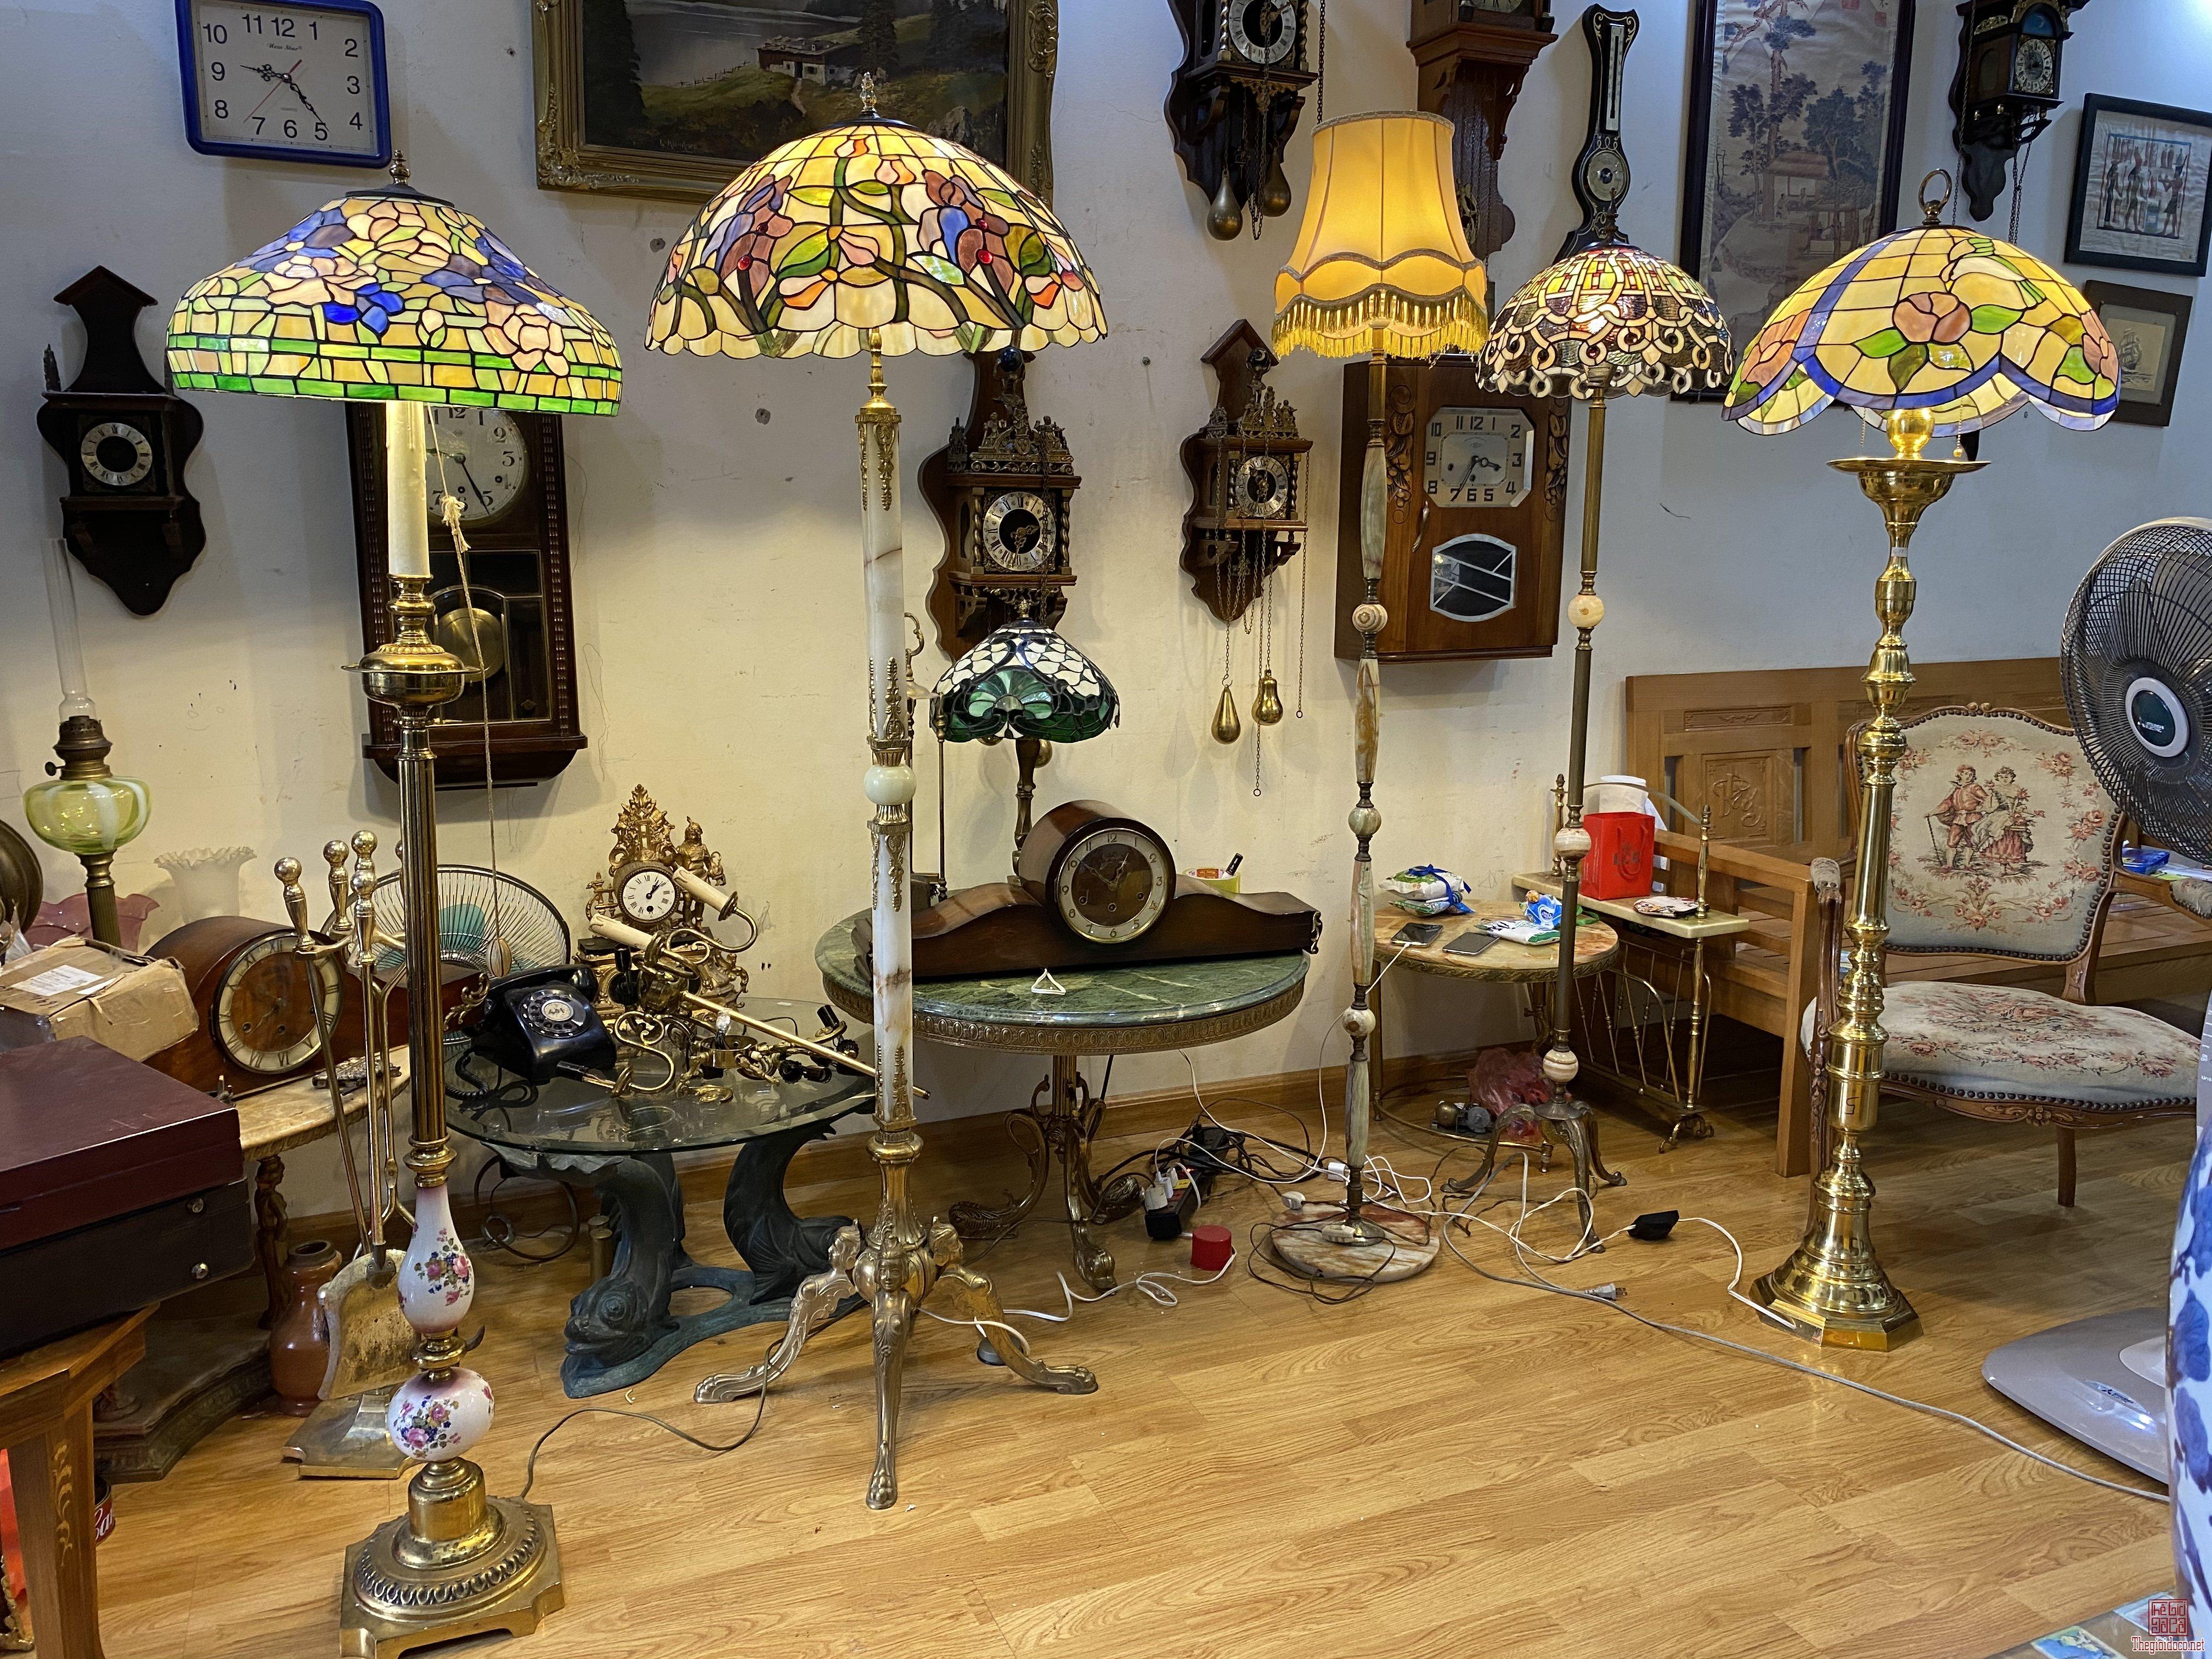 Đèn Tiffany các mẫu của Châu Âu. Giá cả hợp lý